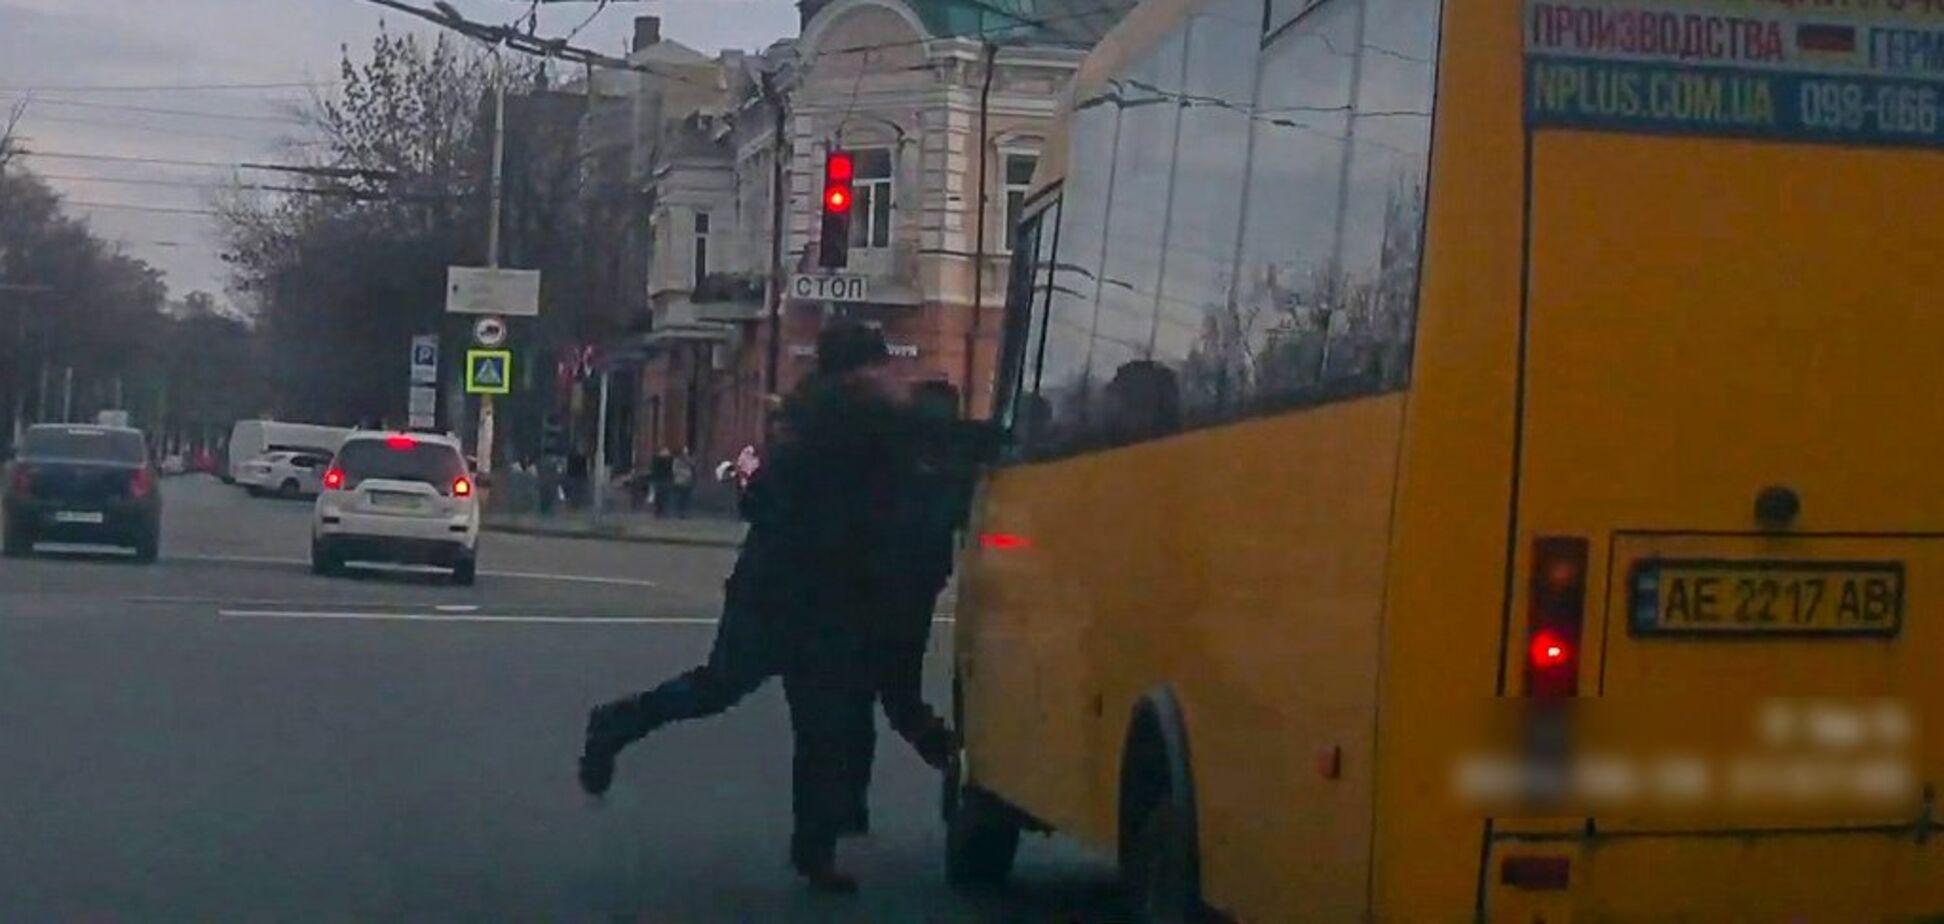 Помстився водію: в Дніпрі неадекватний чоловік розбив скло маршрутки. Відео